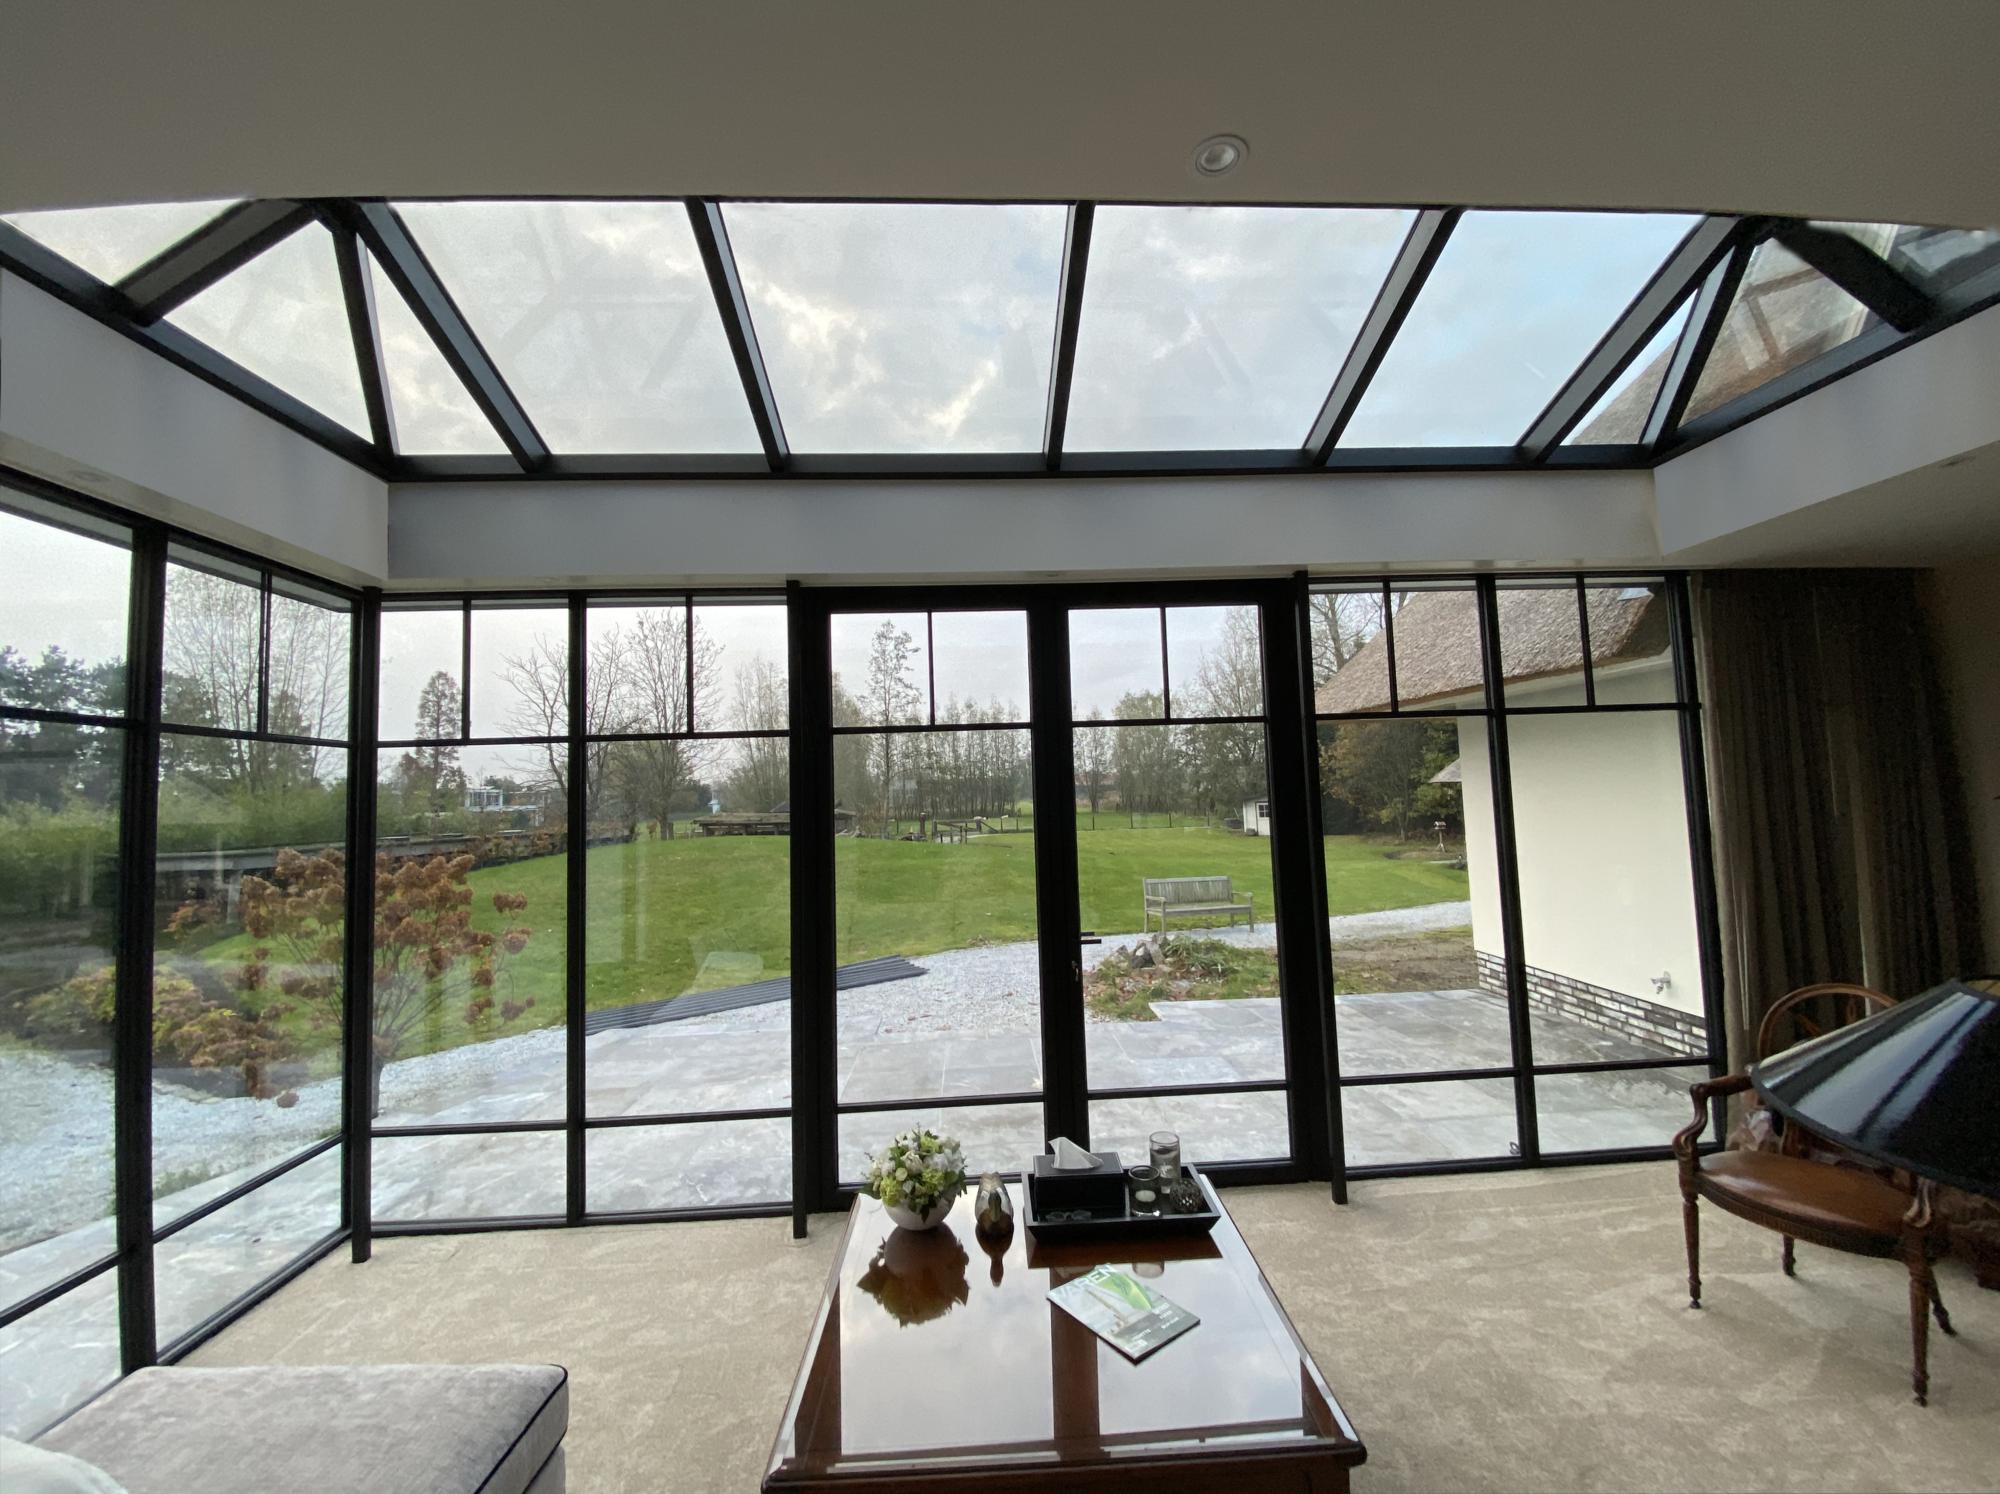 Steellook serre met schuifdeur vanuit binnen met uitzicht op grote tuin.